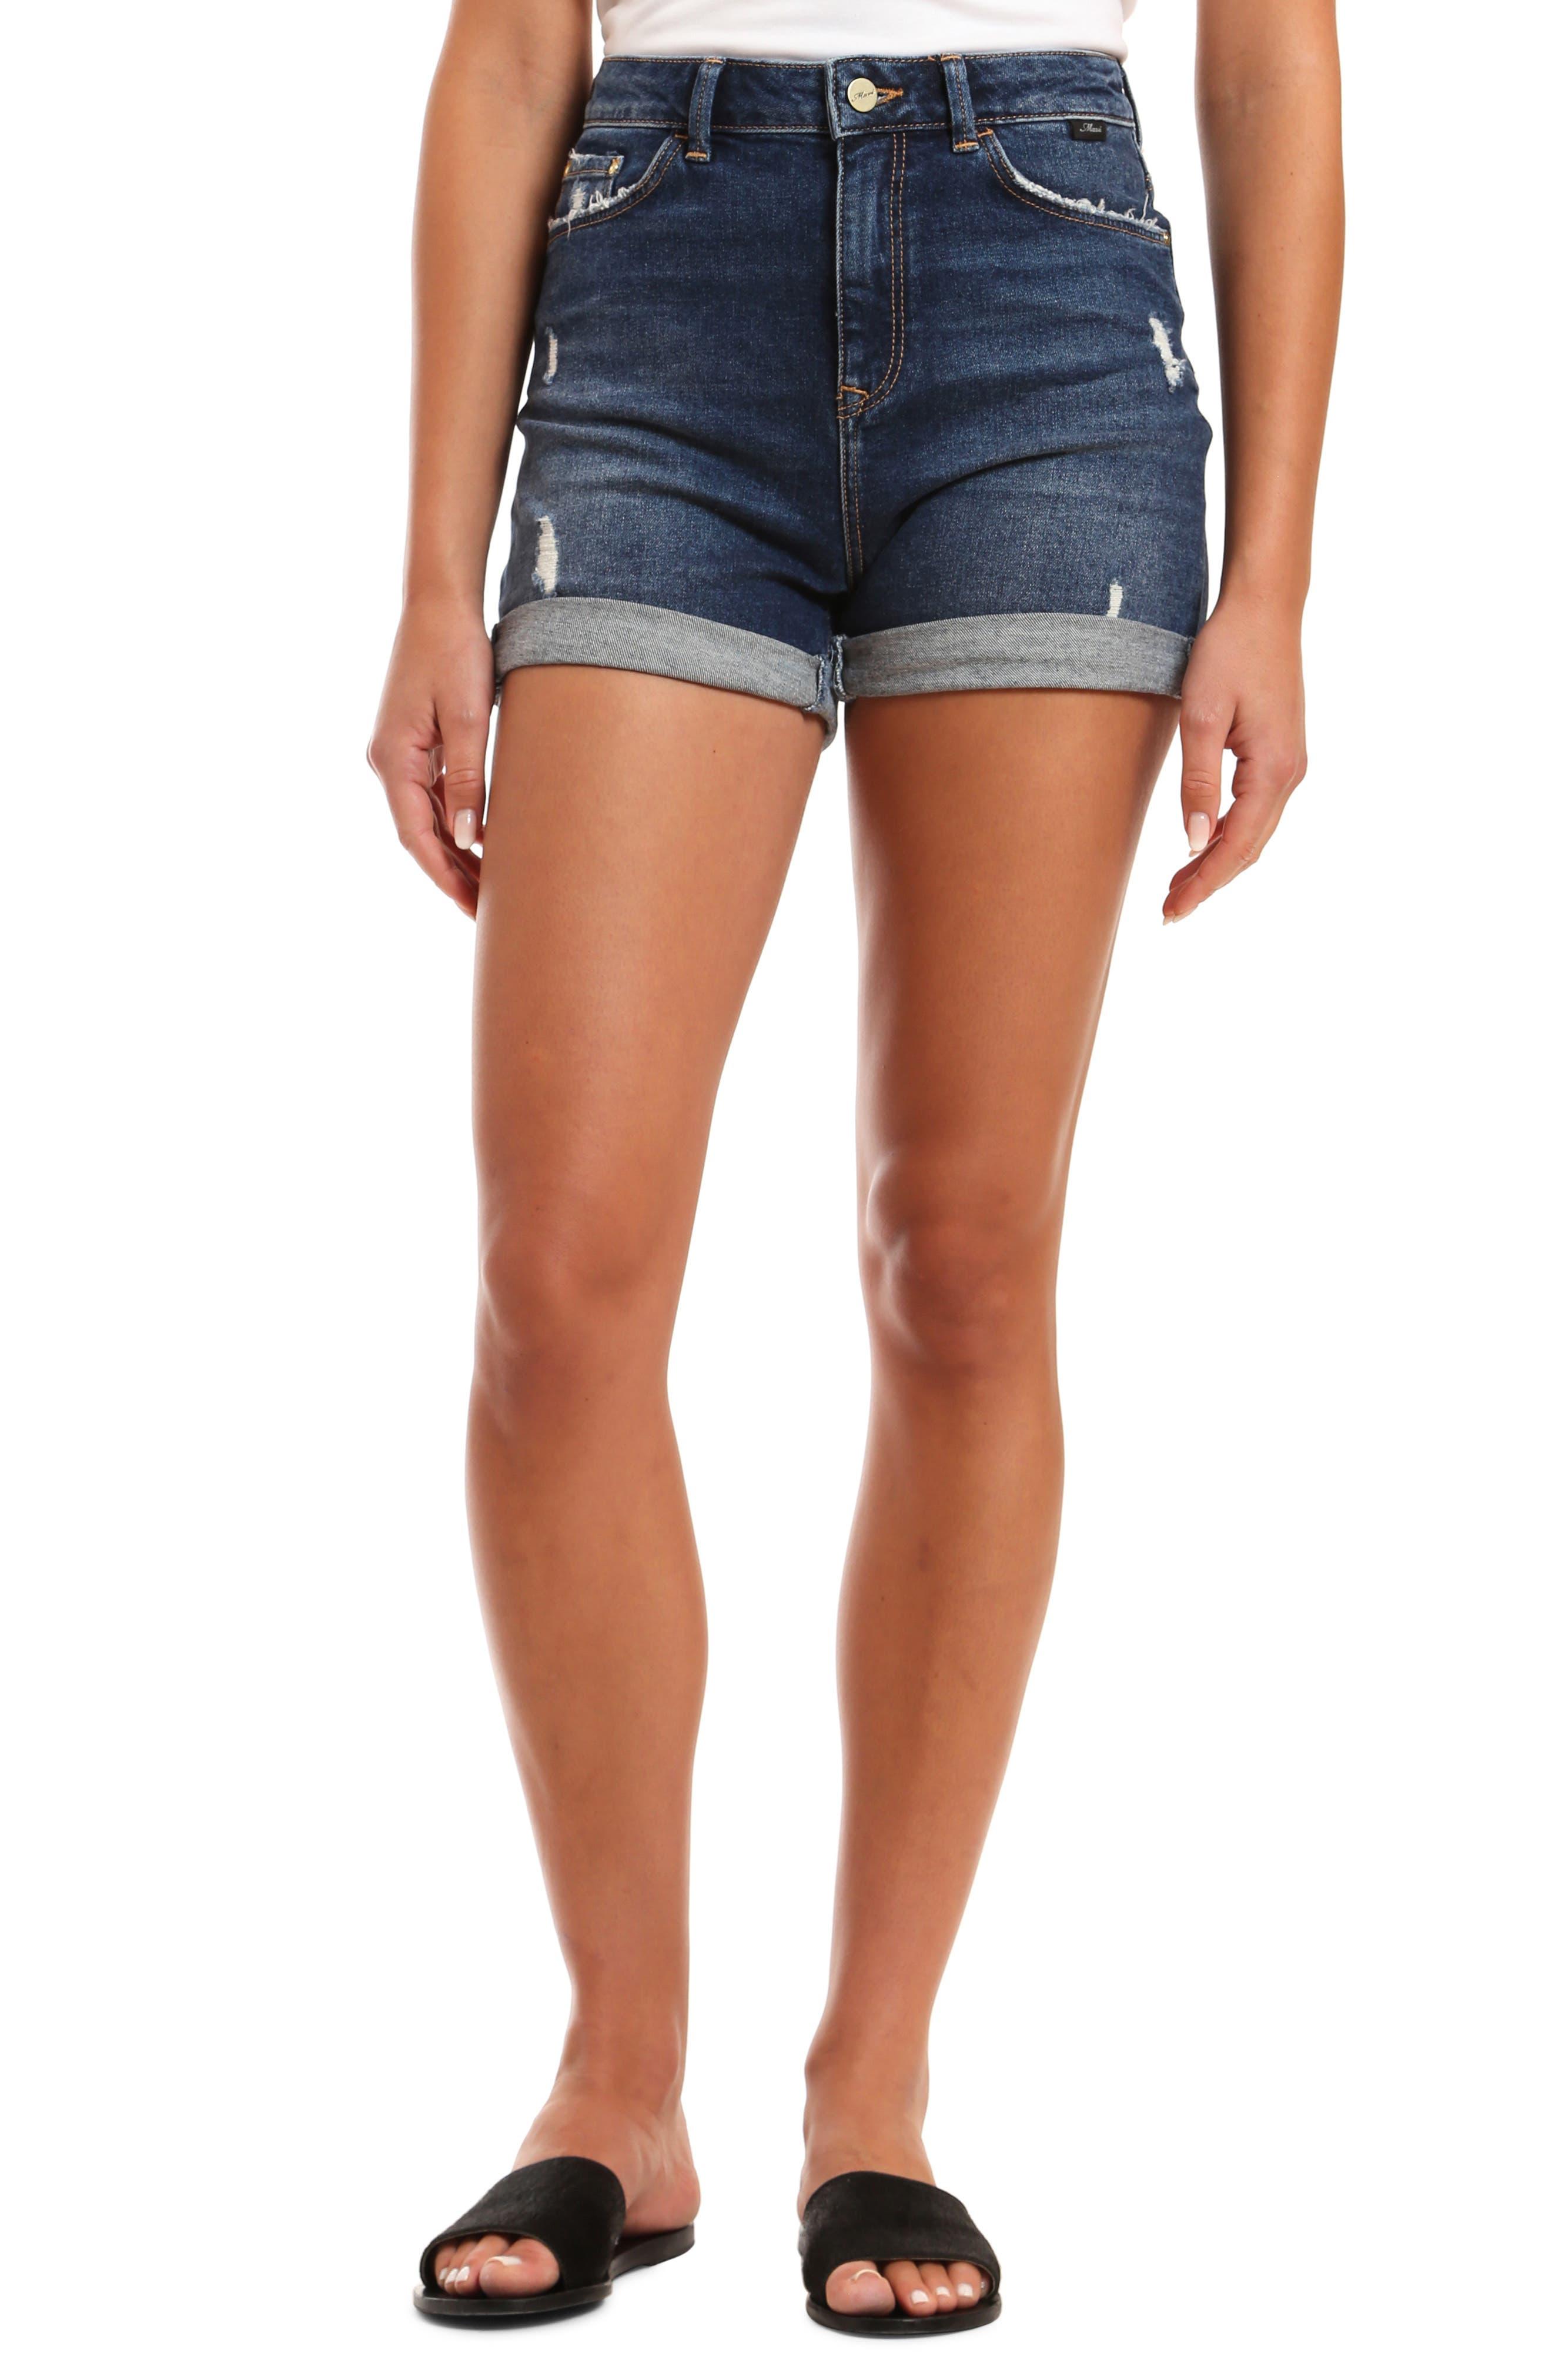 Mavi YOUNG FASHION Damen PIXIE Damen Kurze Hose Shorts